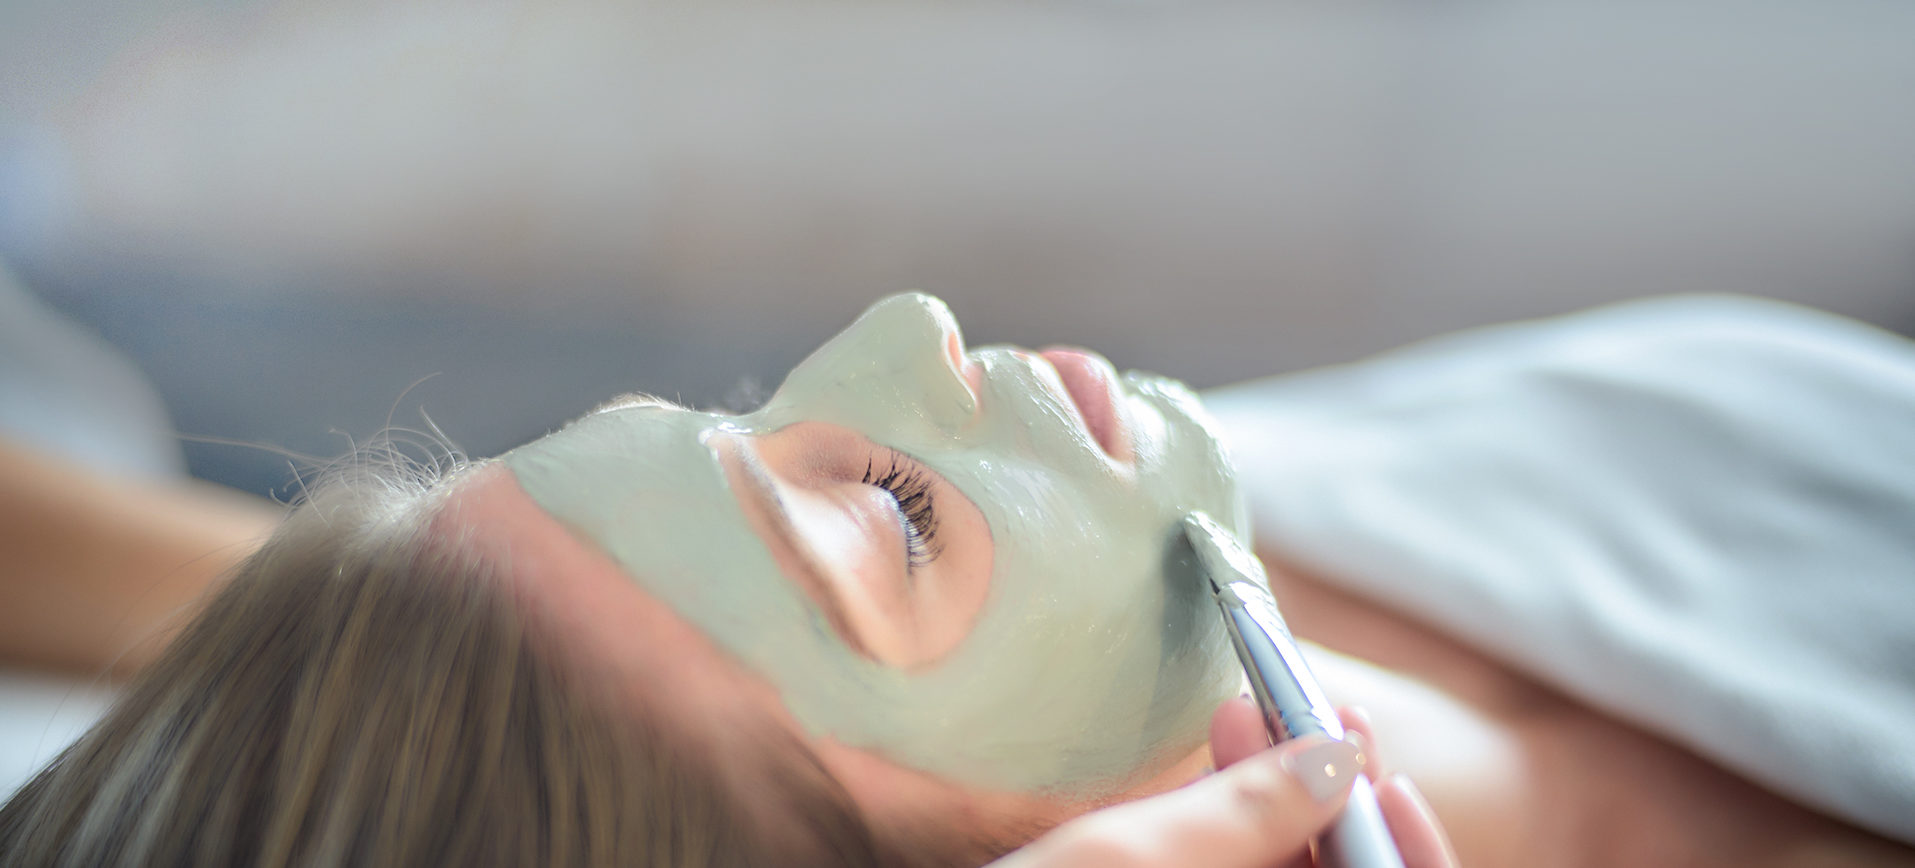 Soin du visage selon les saisons : nos conseils selon votre type de peau